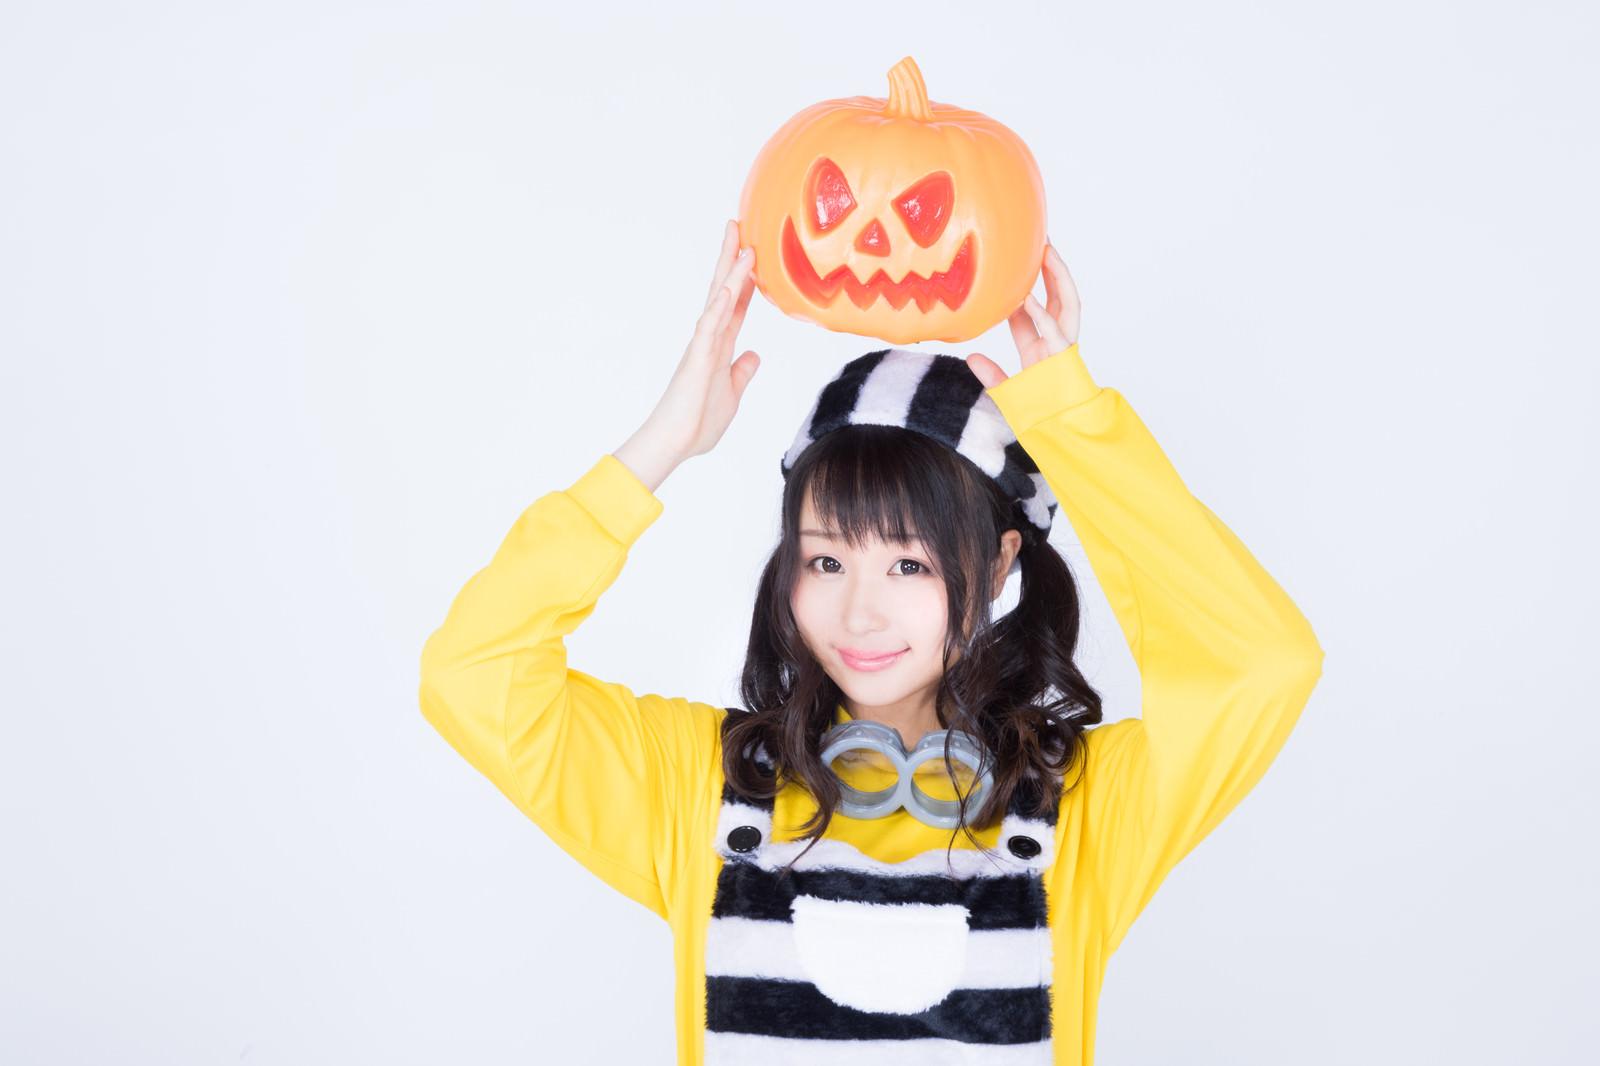 「ハロウィンのかぼちゃお化けを持ち上げる仮装女子」の写真[モデル:茜さや]